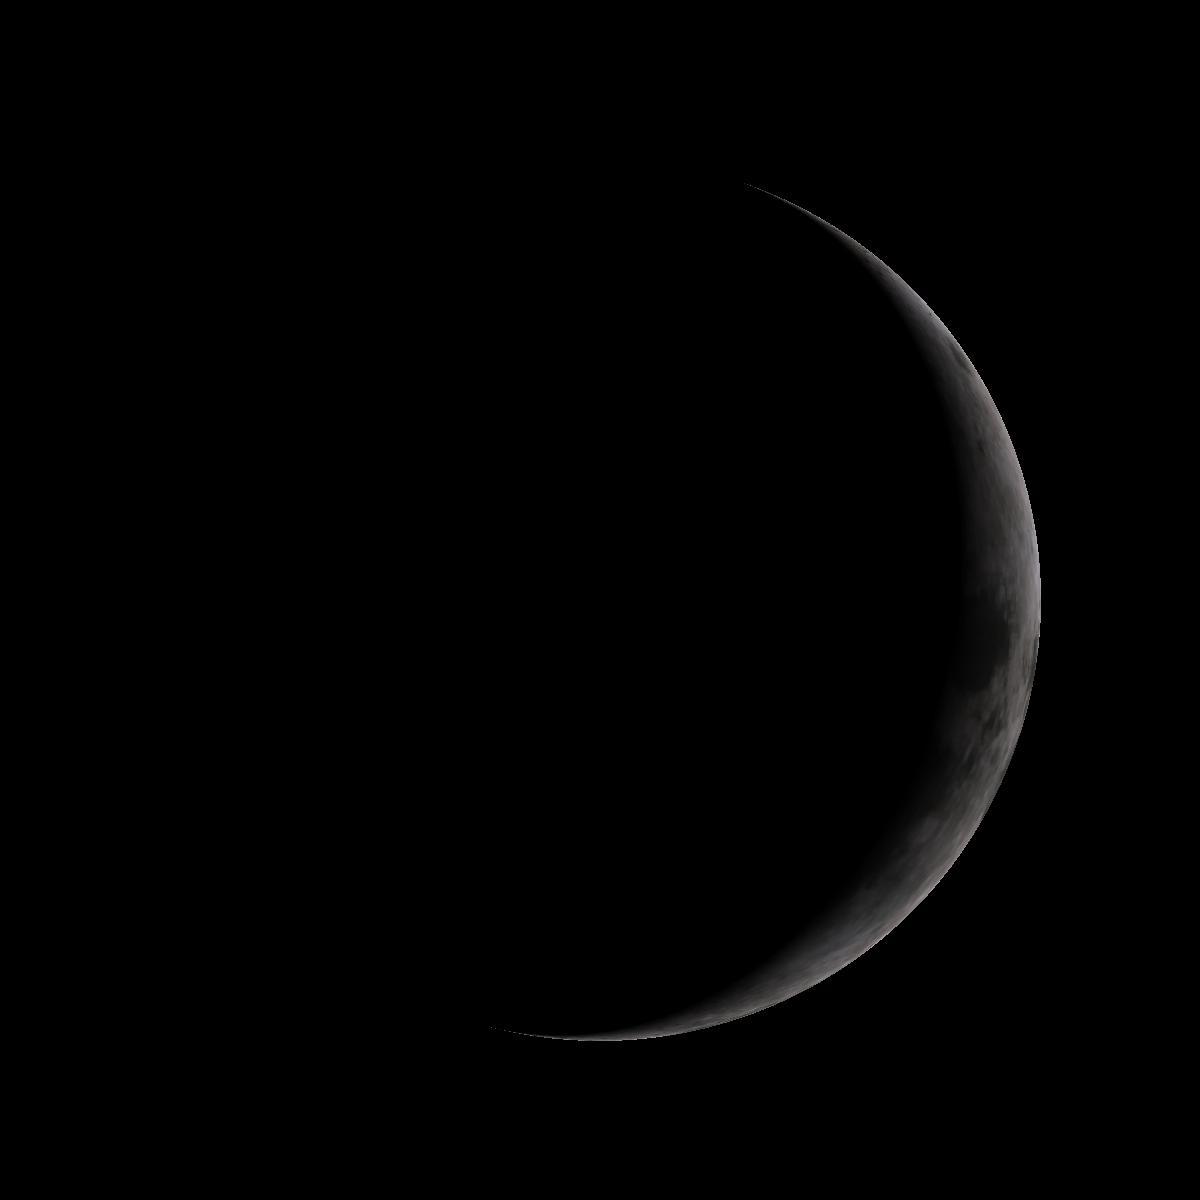 Lune du 27 février 2020